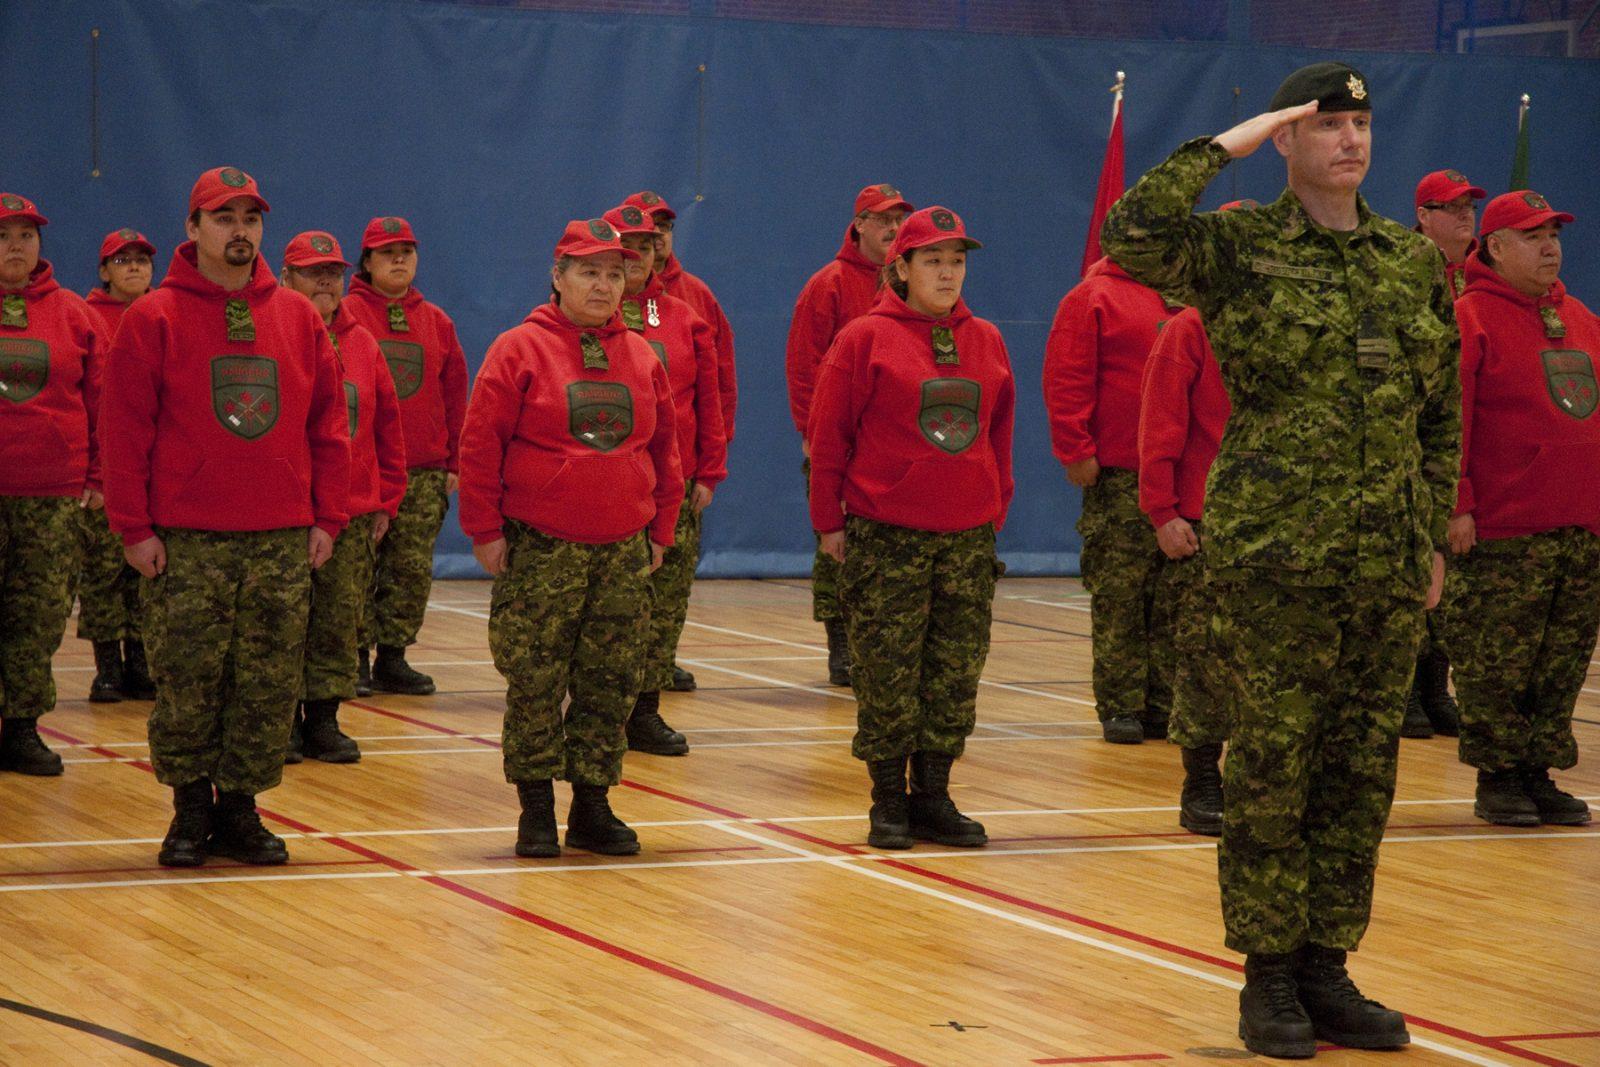 Les Rangers viendront prêter main forte dans le nord du Québec